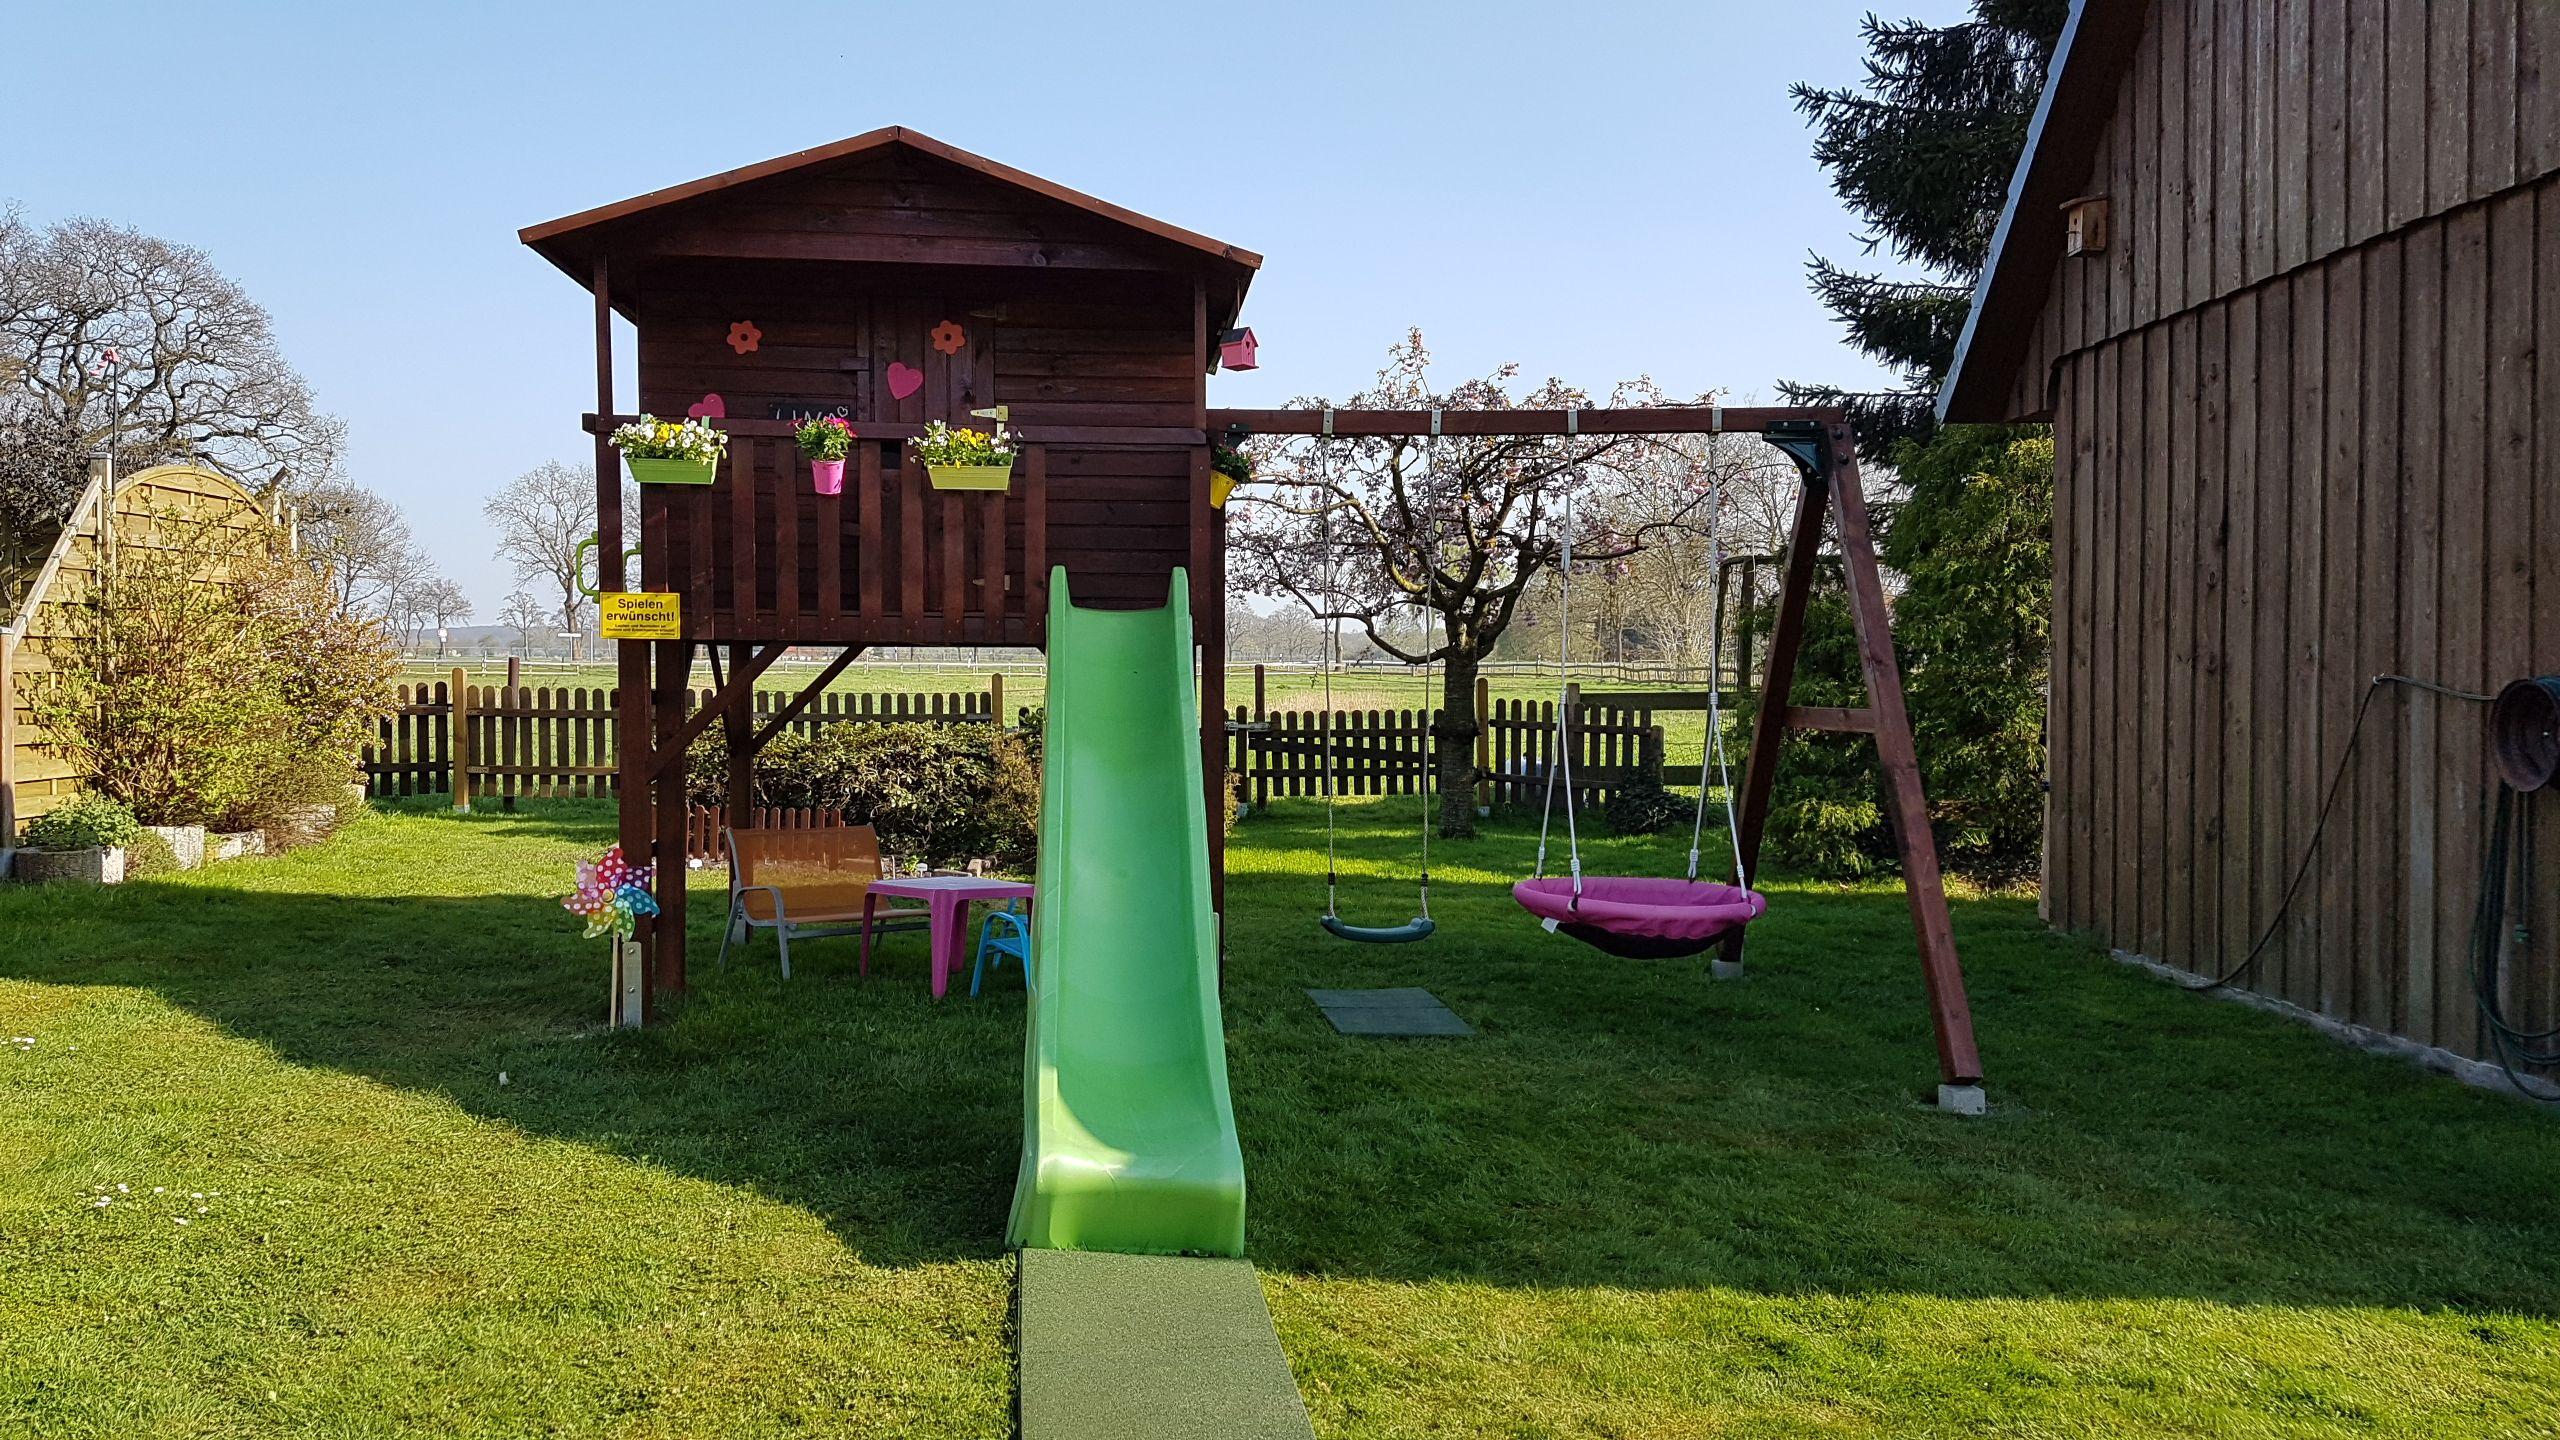 unser neues spielhaus im garten das stelzenhaus leonie von spiel im garten kinder spielen. Black Bedroom Furniture Sets. Home Design Ideas